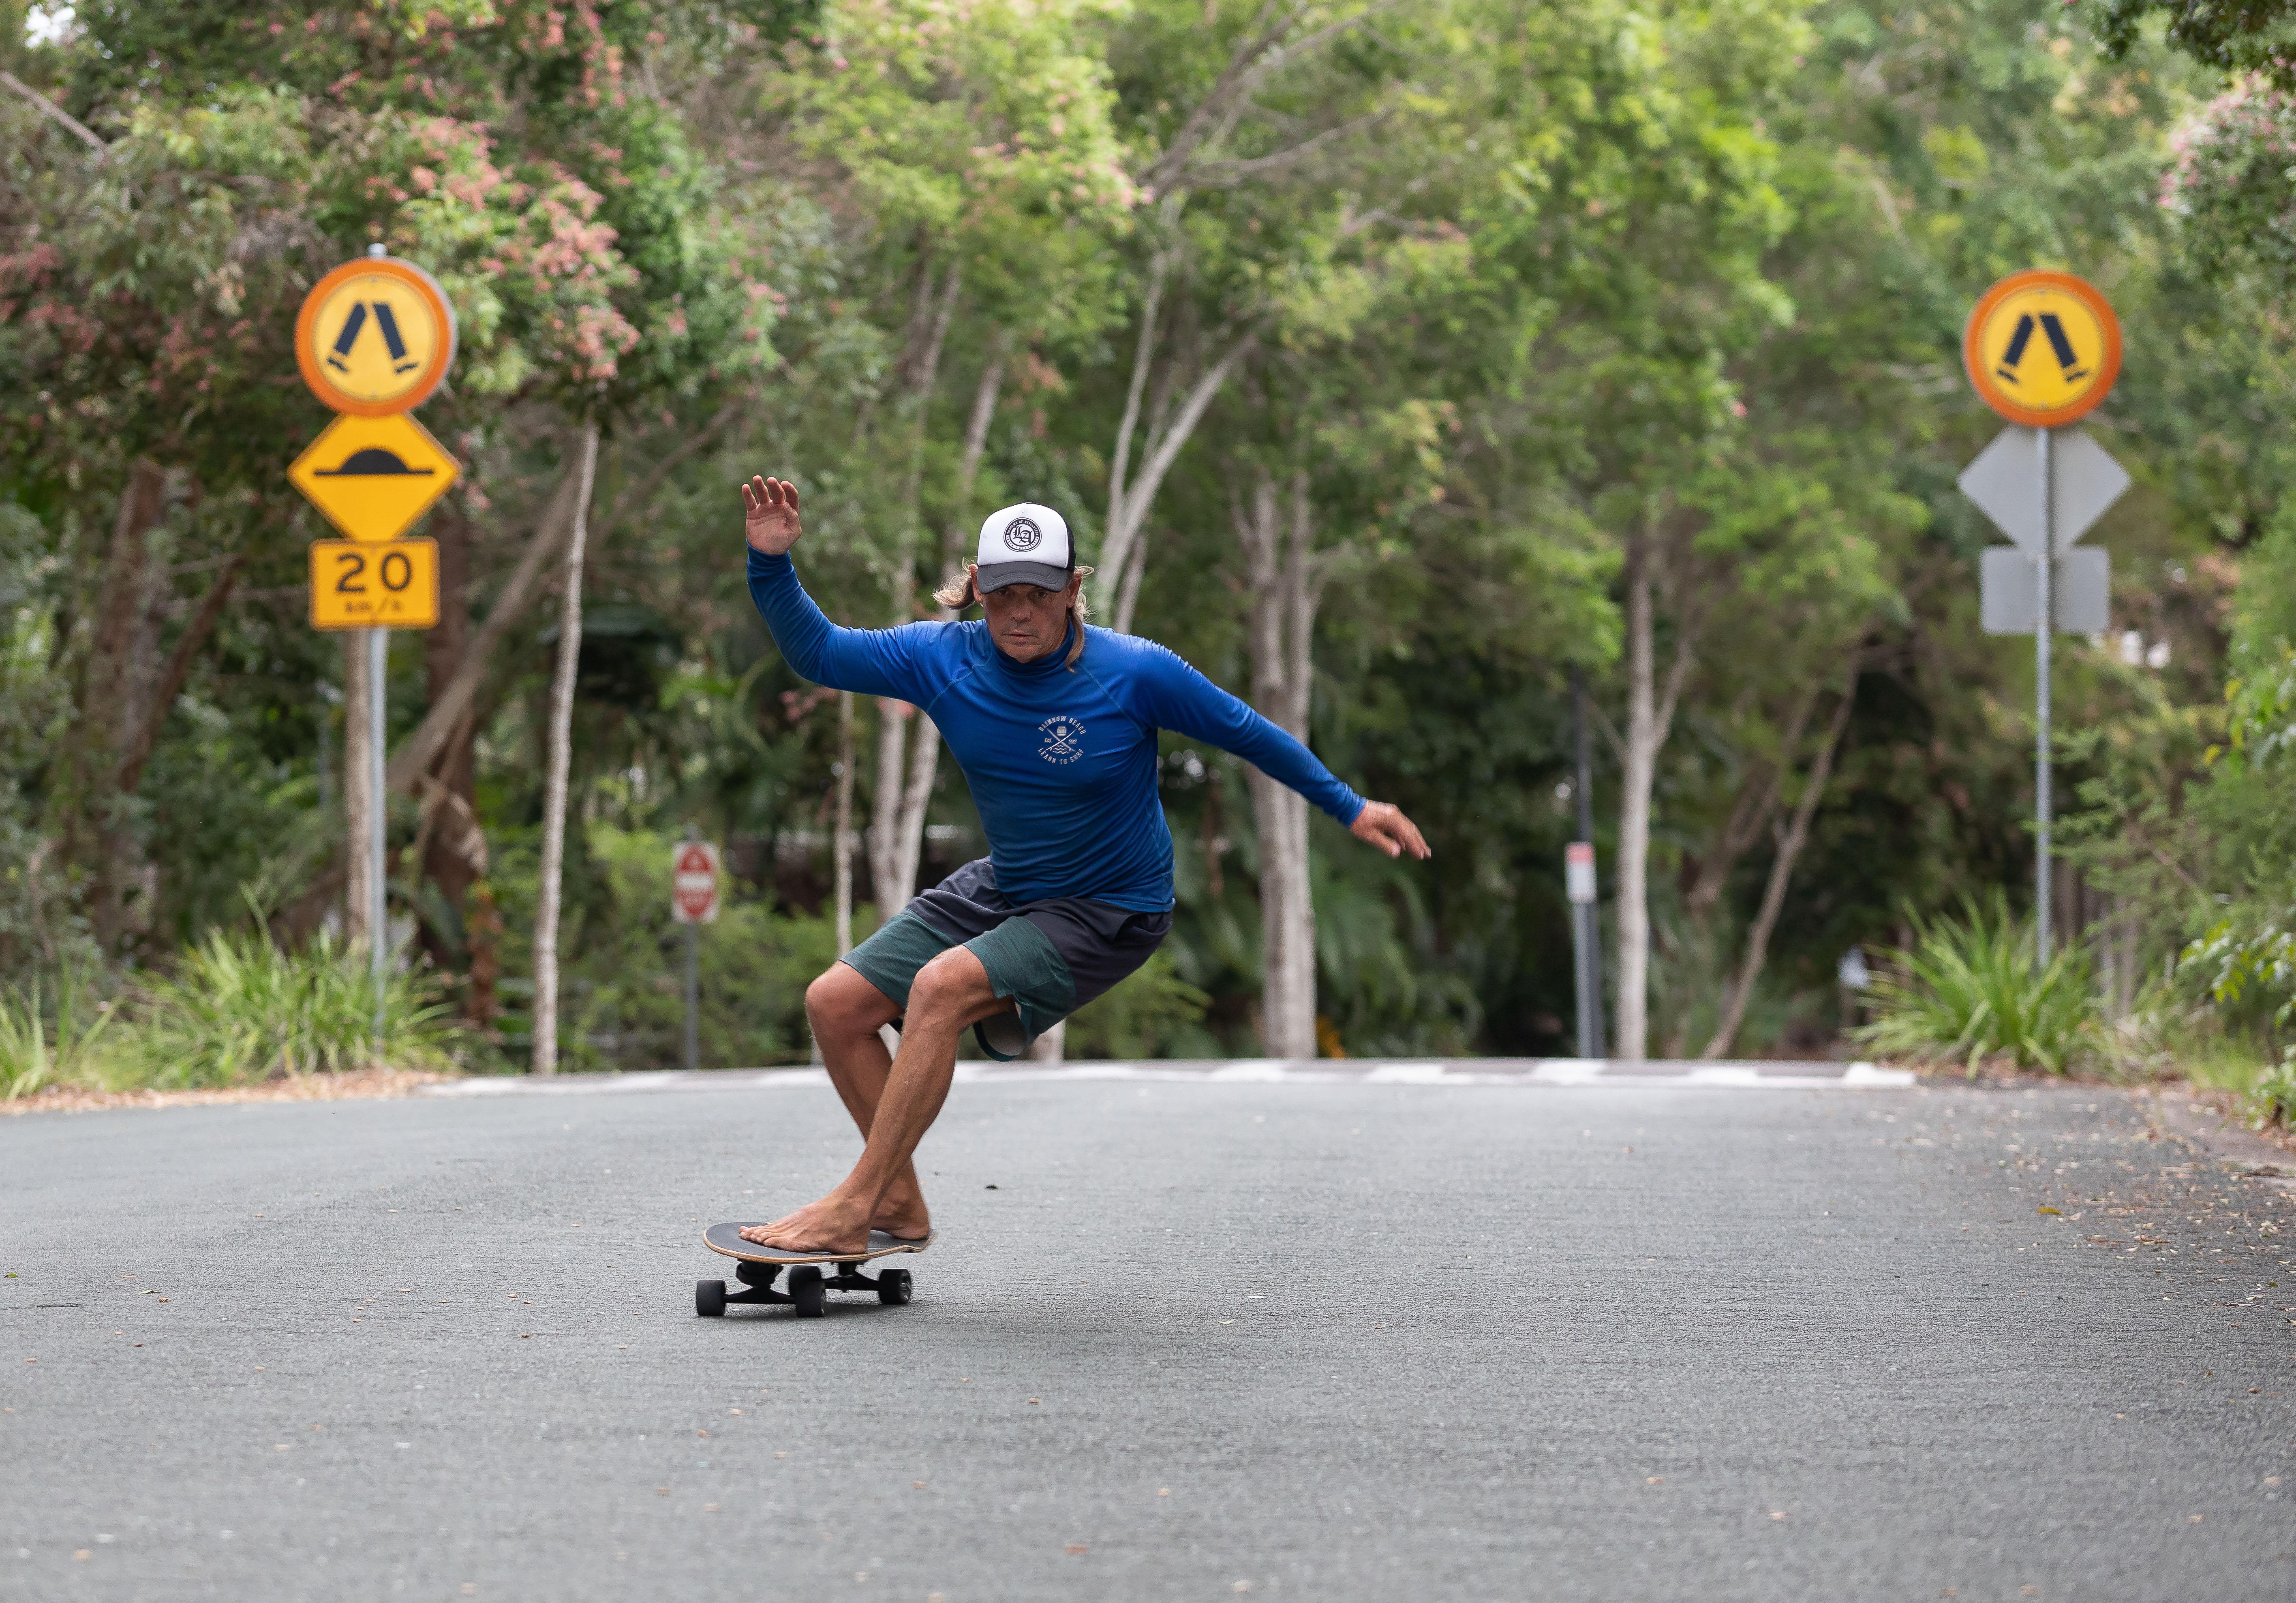 Surf-Skate Training